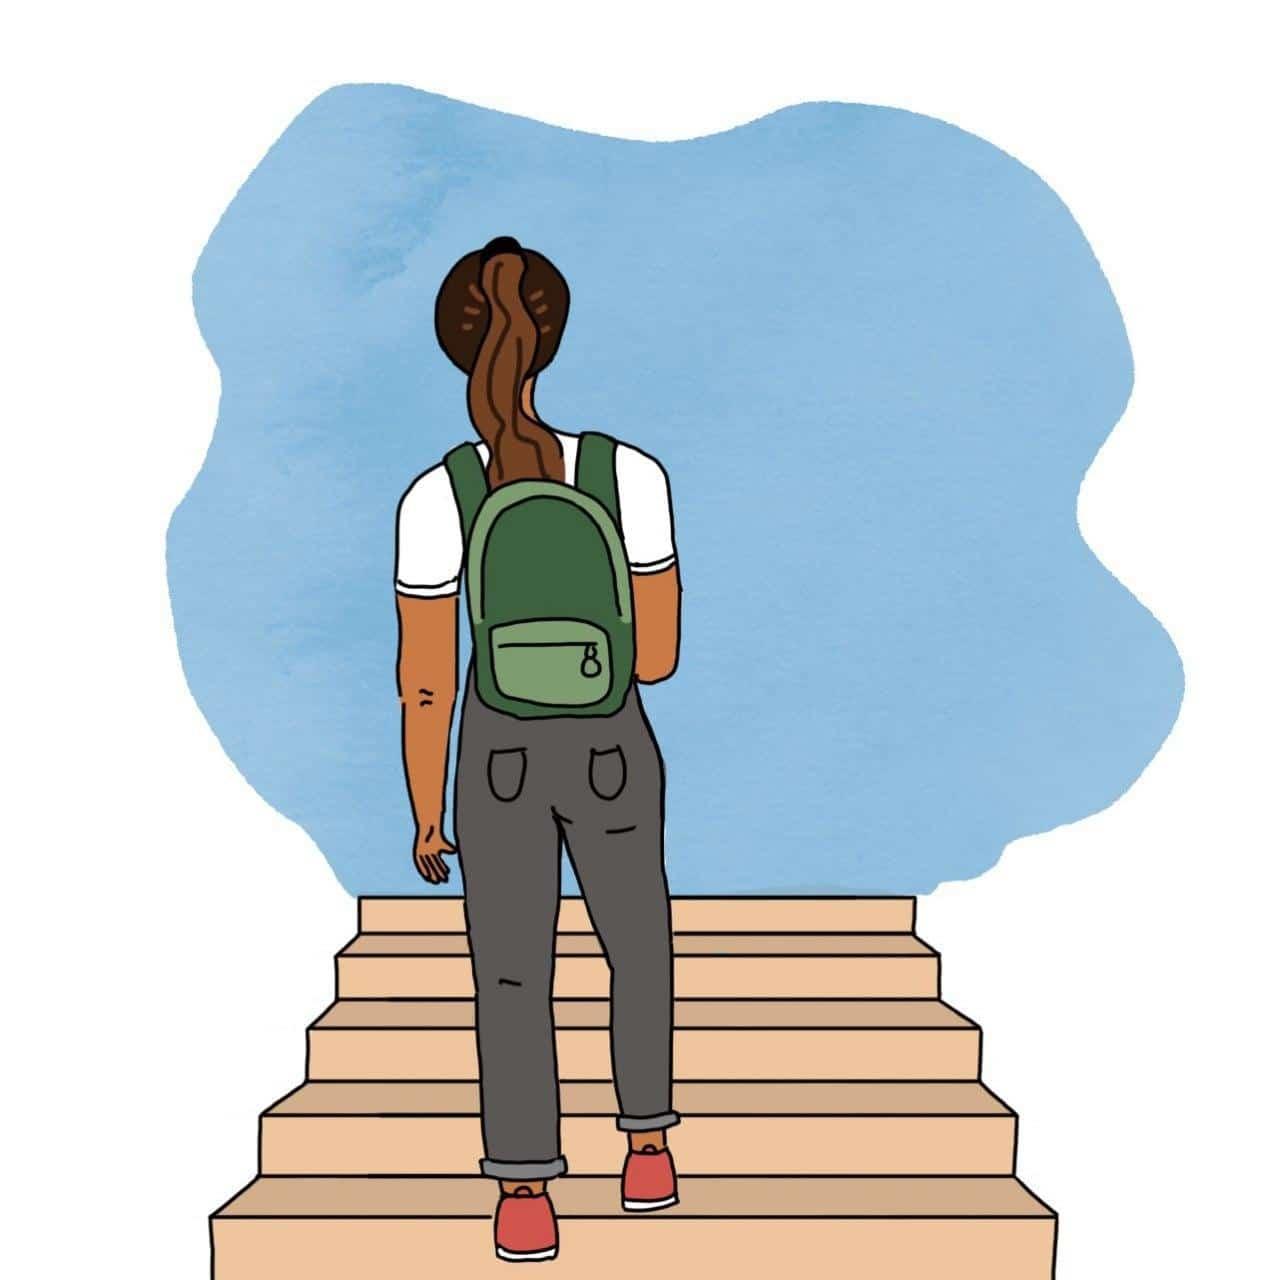 Ilustración de mujer subiendo unas escaleras con una mochila y el pelo atado. A donde se dirige se pueede ver de color celeste en fondo blanco.